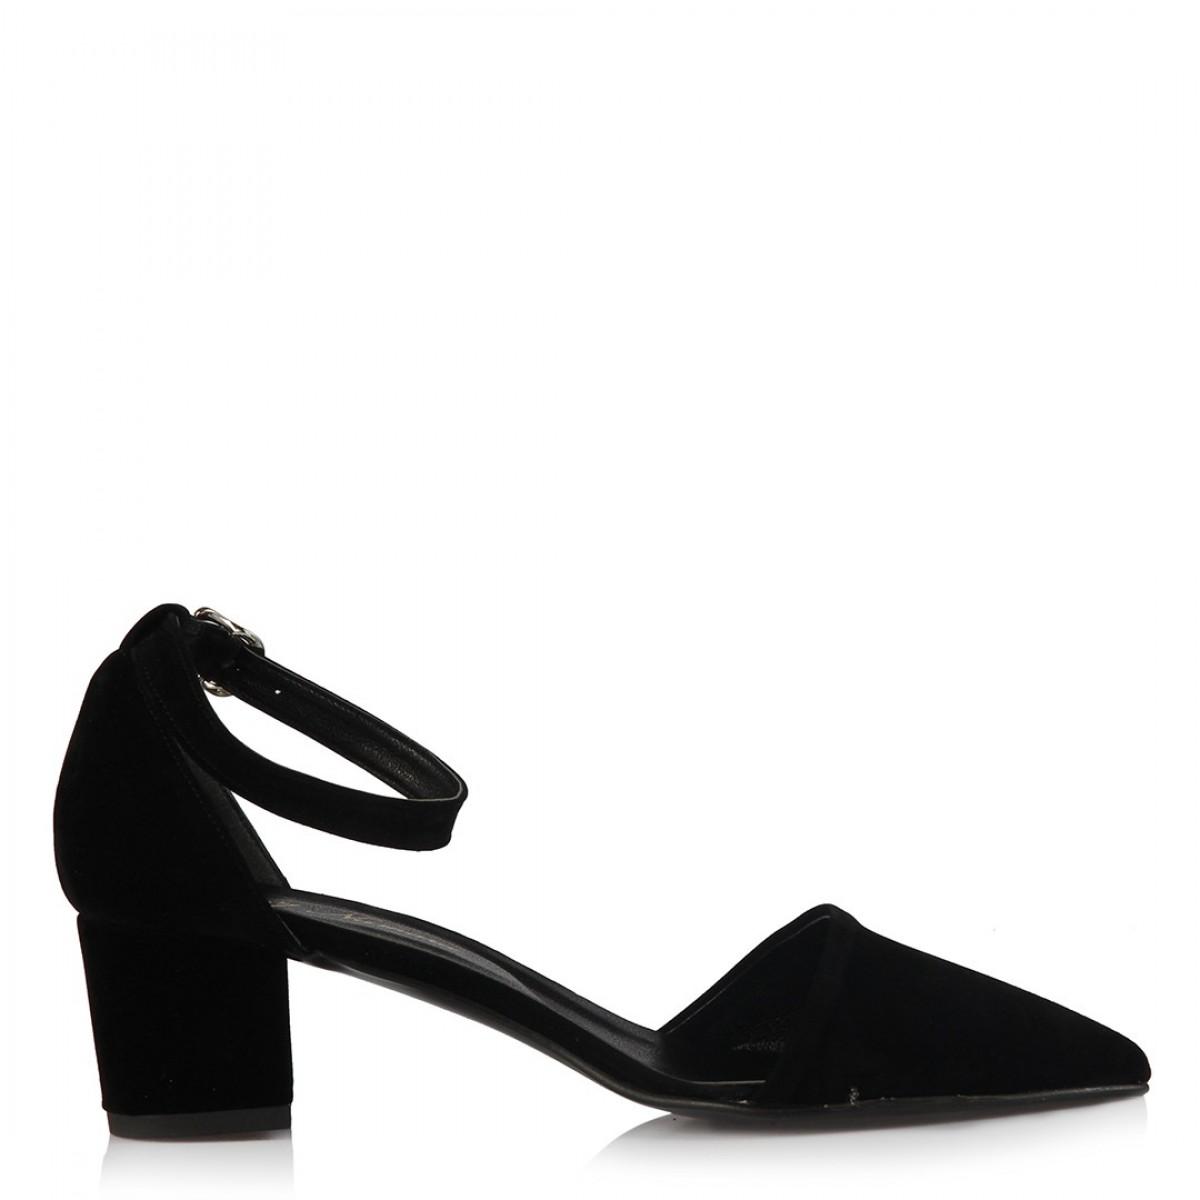 Az Topuklu Stiletto Ayakkabı Siyah Süet